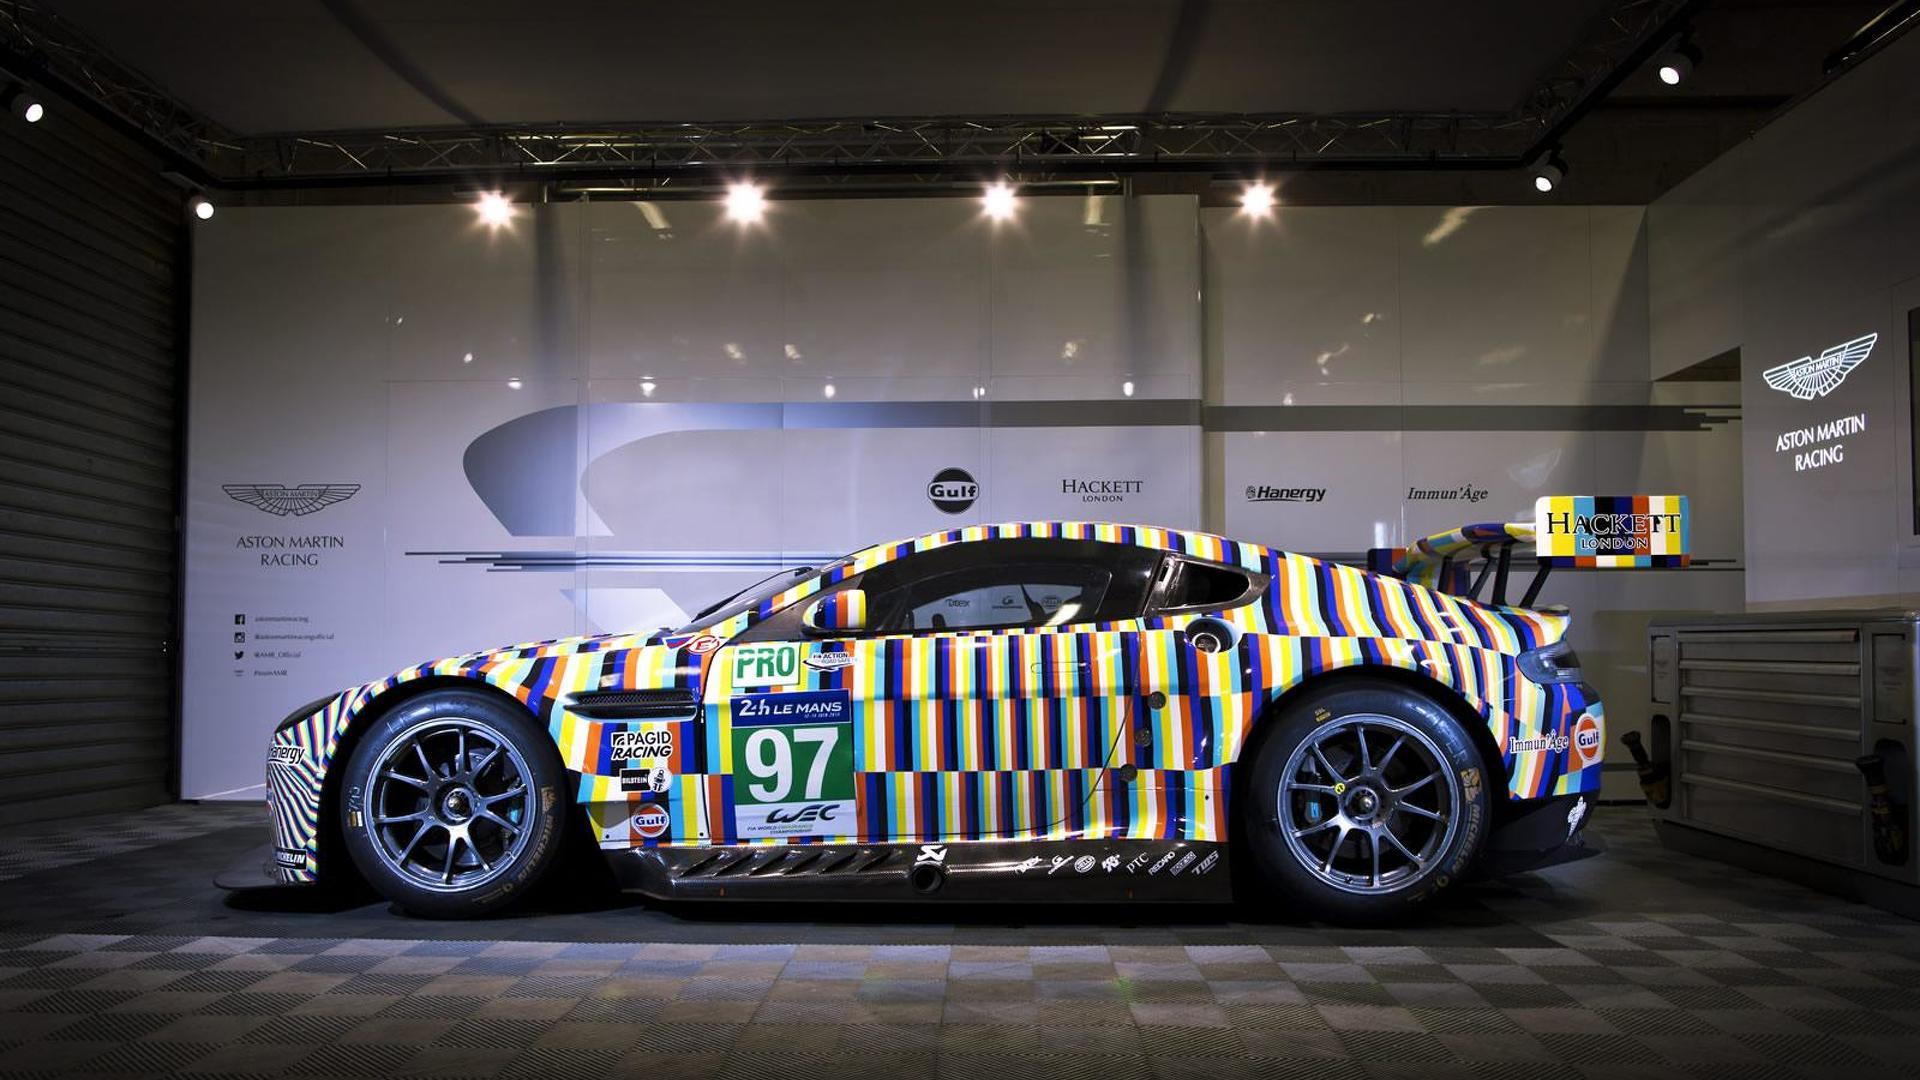 Aston Martin introduces Rehberger Vantage GTE Le Mans art car